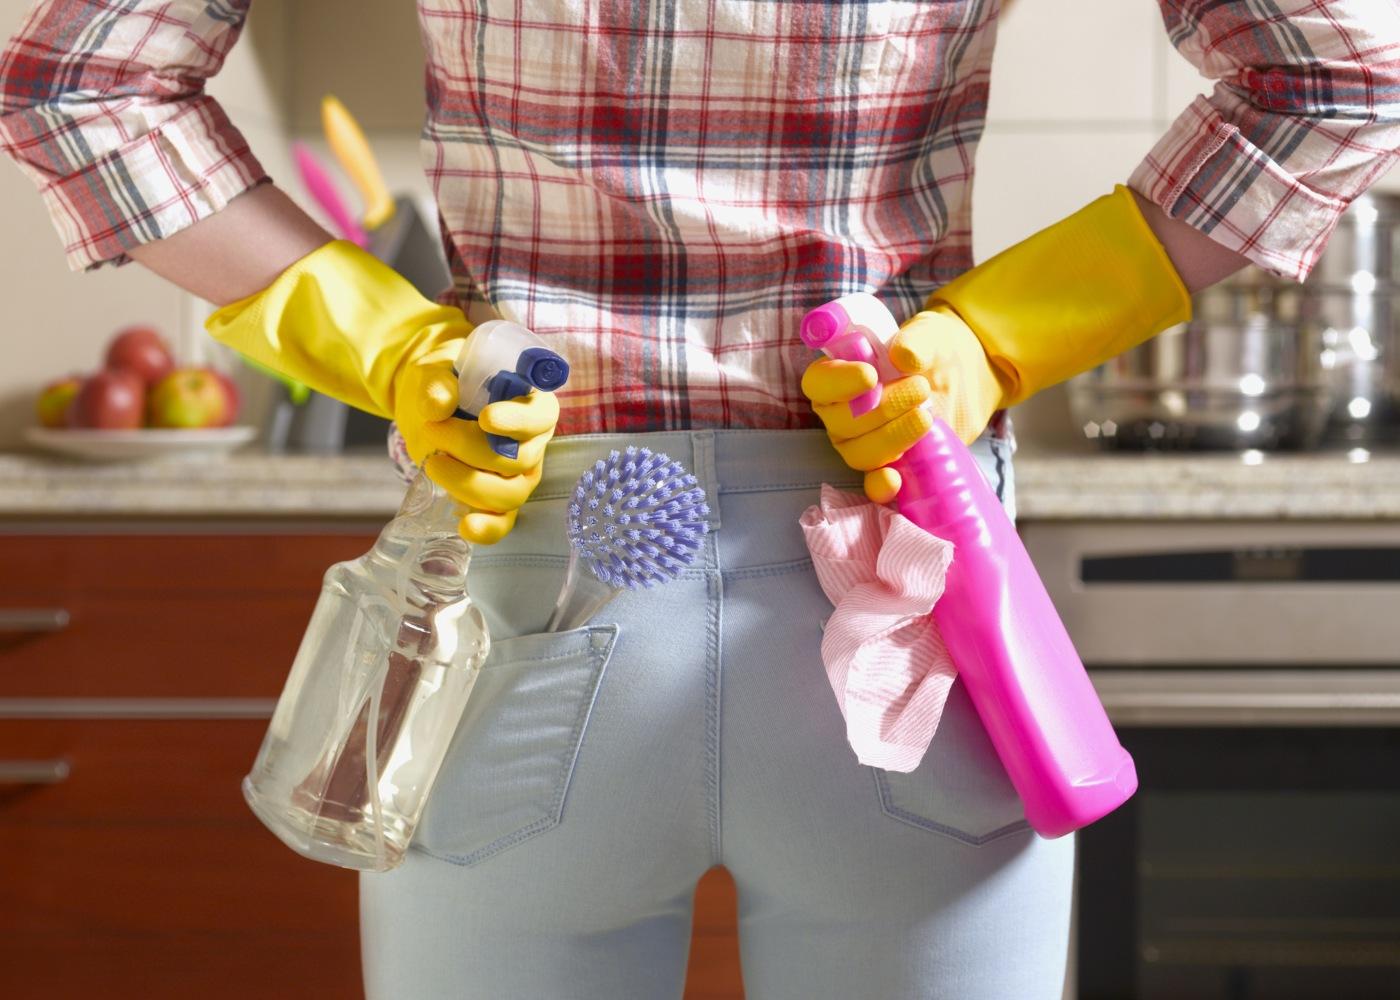 preparacao-limpeza-casa